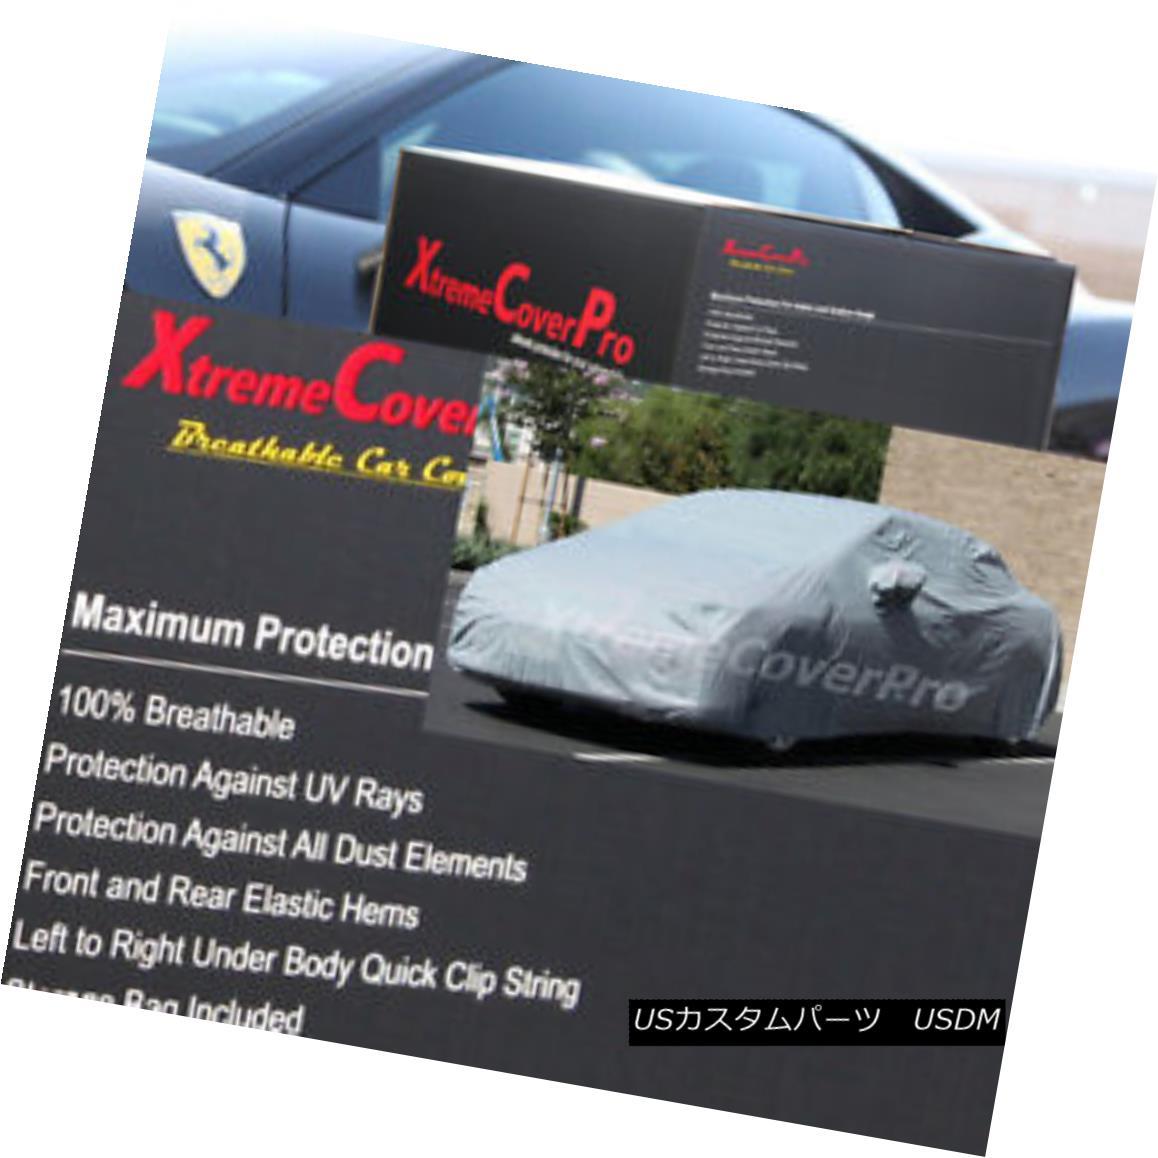 カーカバー 2016 LEXUS IS250C IS350C CONVERTIBLE BREATHABLE CAR COVER W/MIRROR POCKET -GREY 2016レクサスIS250C IS350Cコンバーチブルブリーザブルカーカバー付き/ミラーポケット - グレー